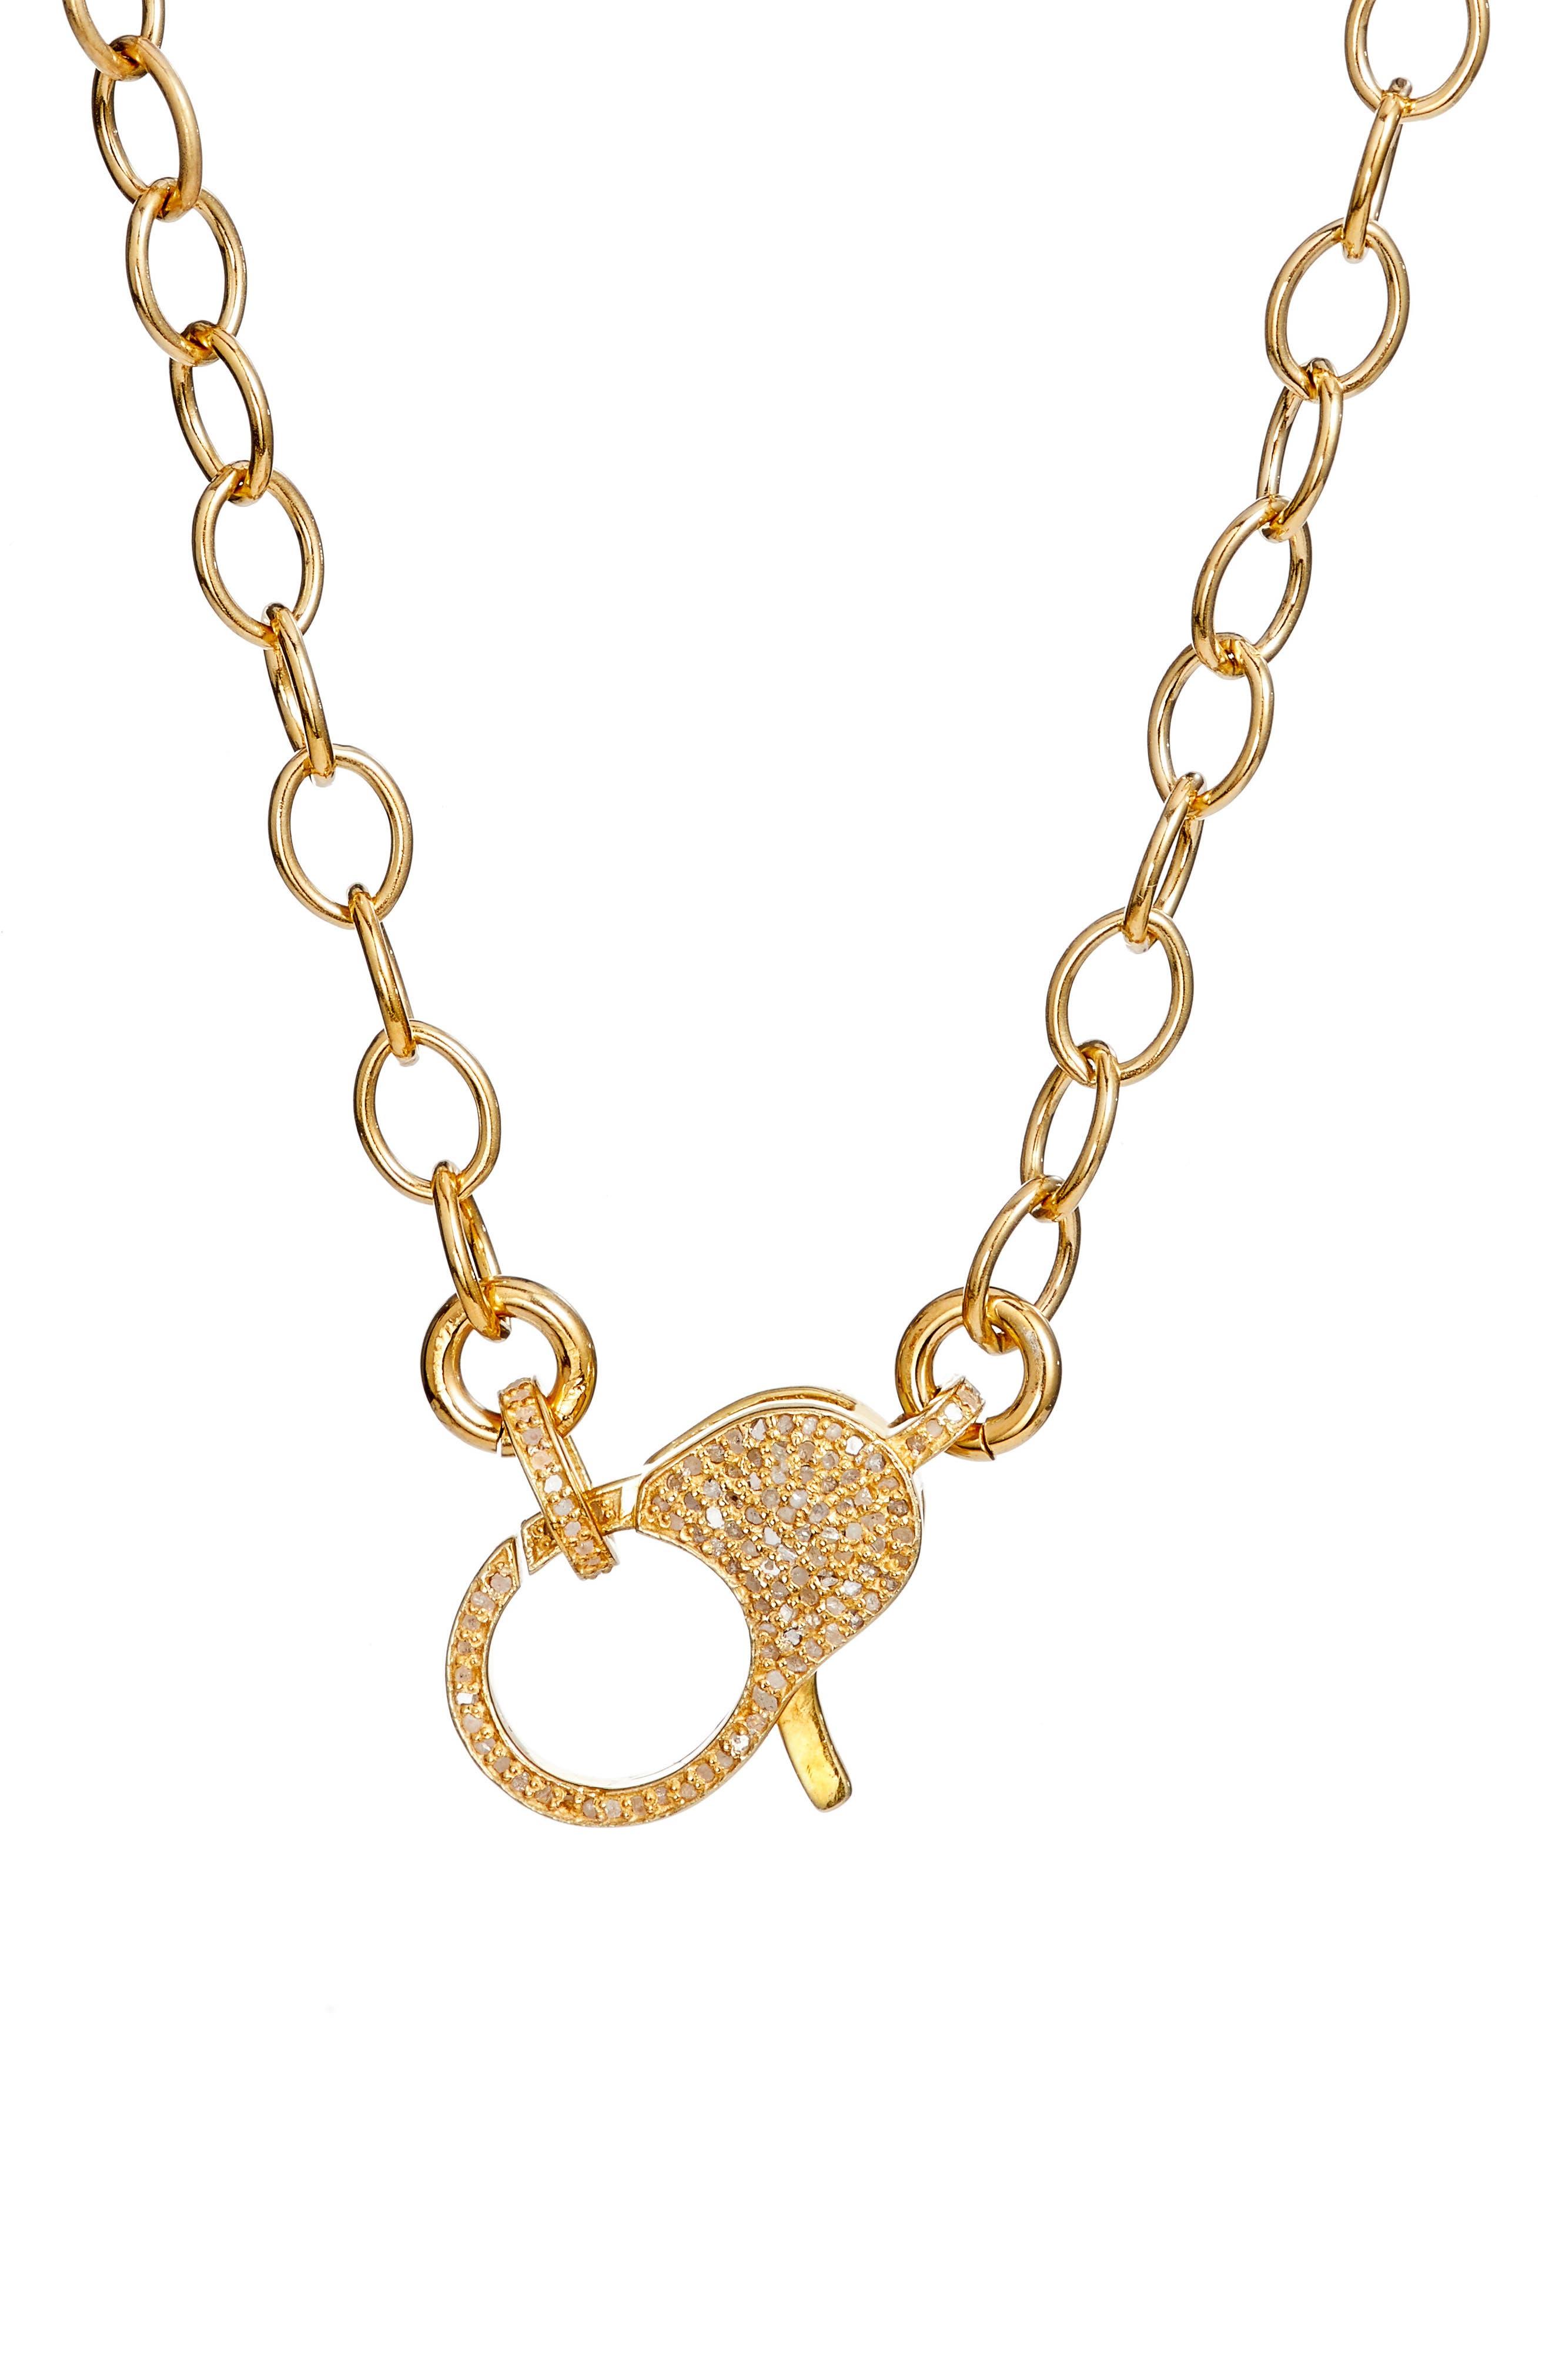 Jane Basch Pavé Diamond Clasp Long Chain Necklace,                             Main thumbnail 1, color,                             Gold